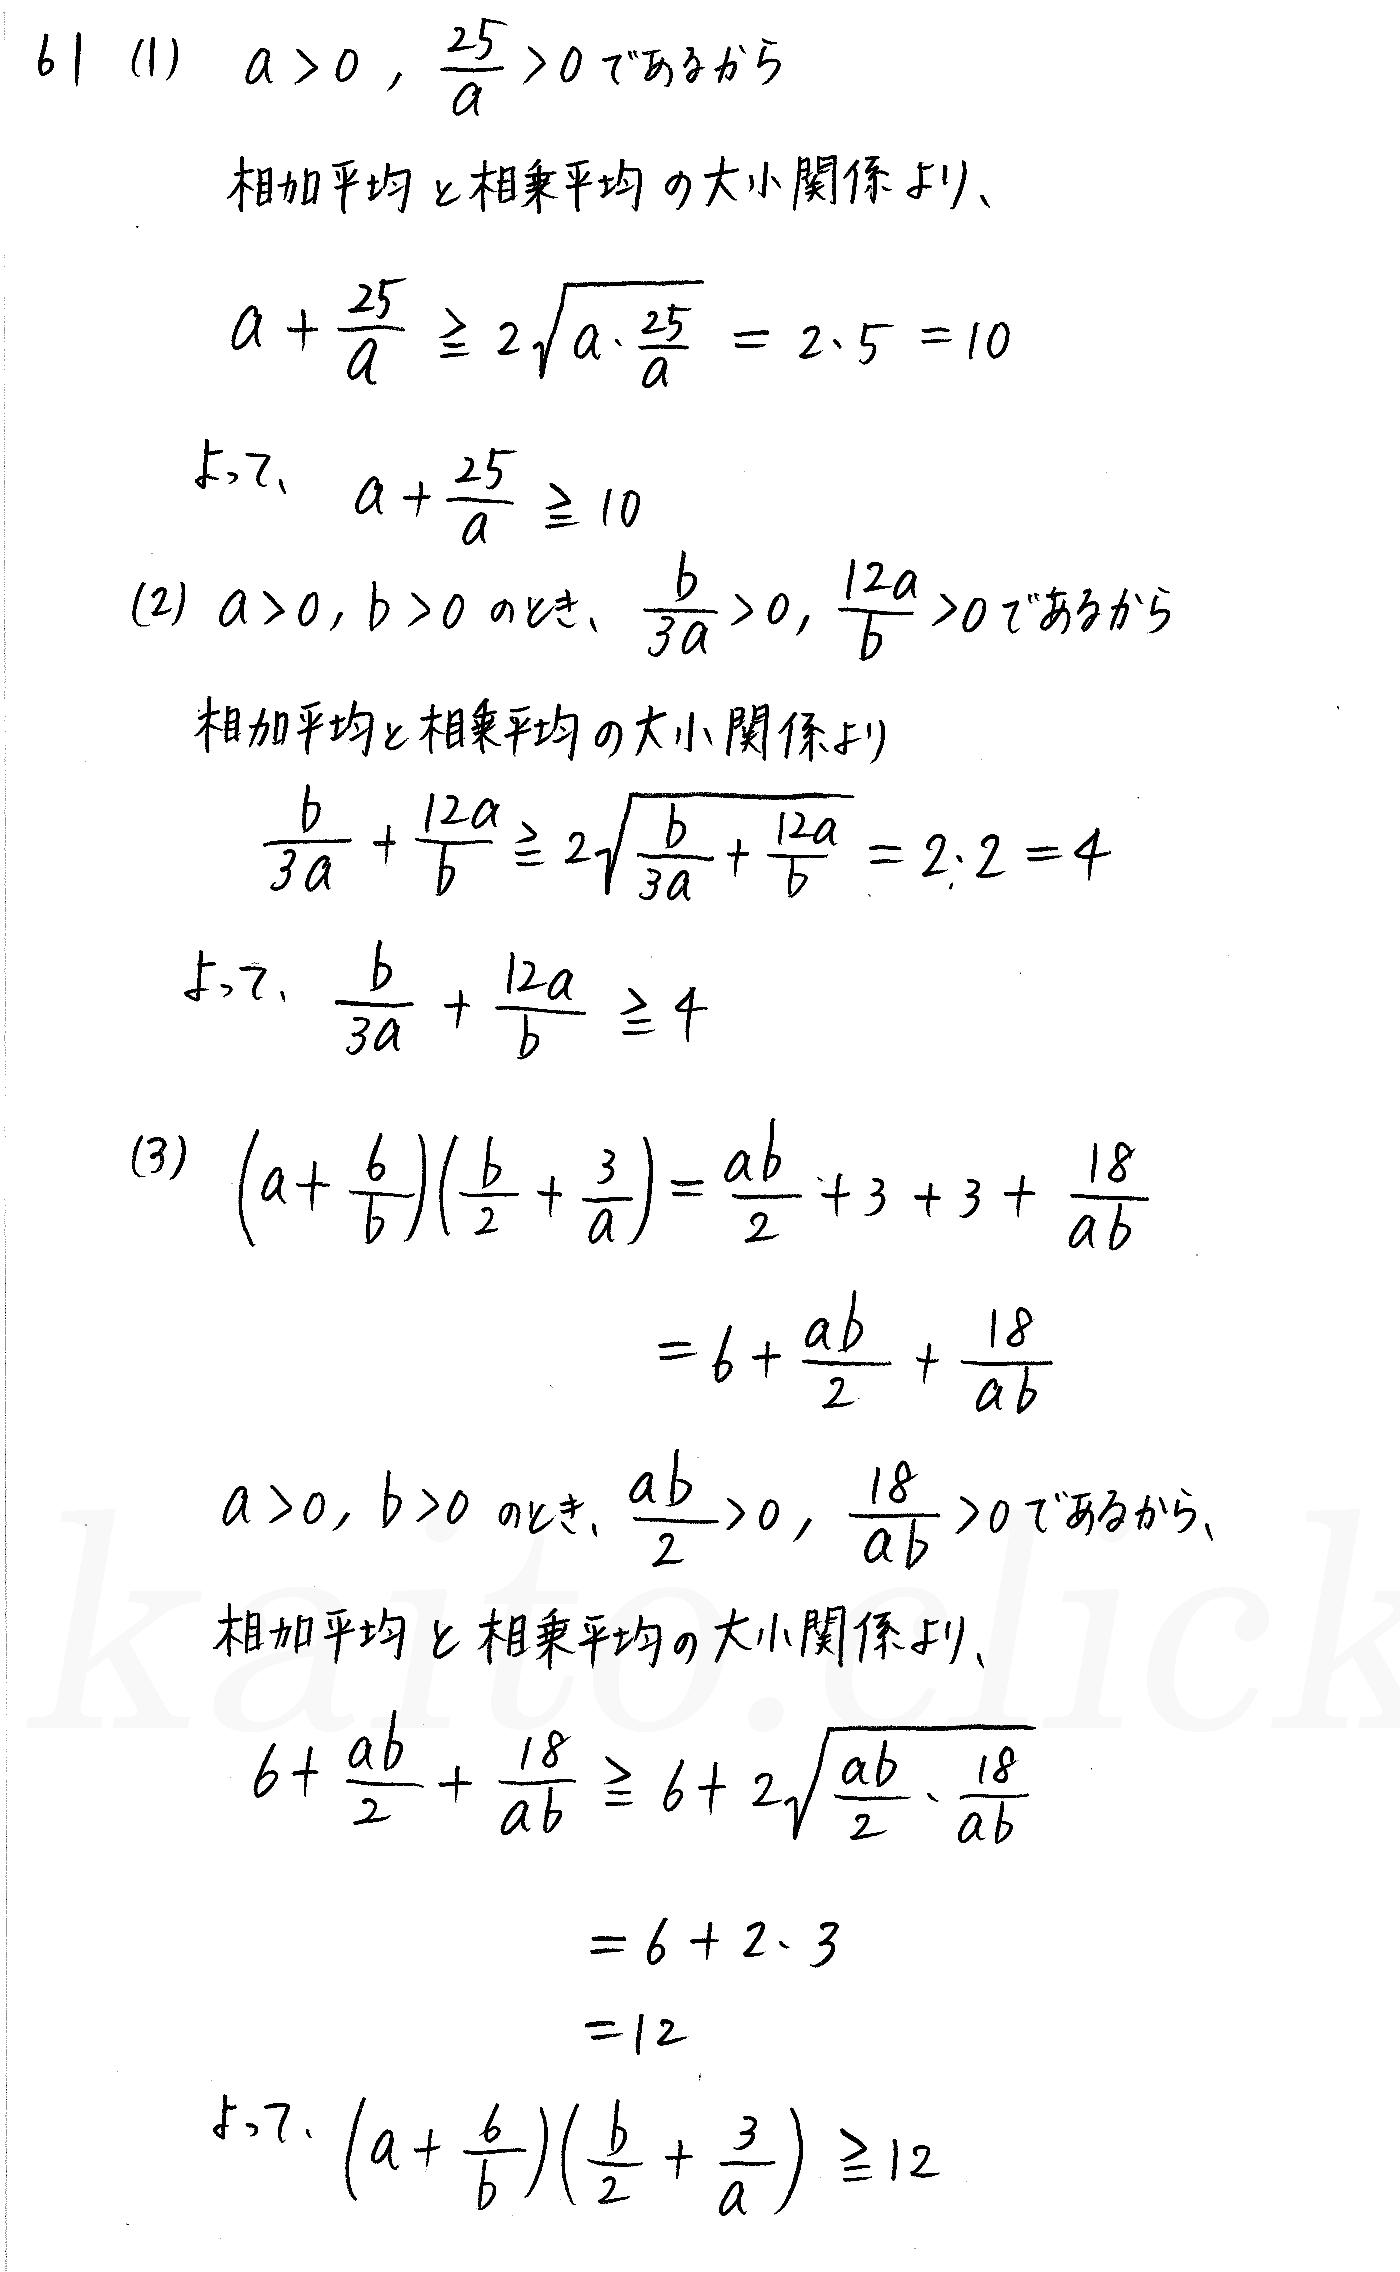 クリアー数学2-61解答